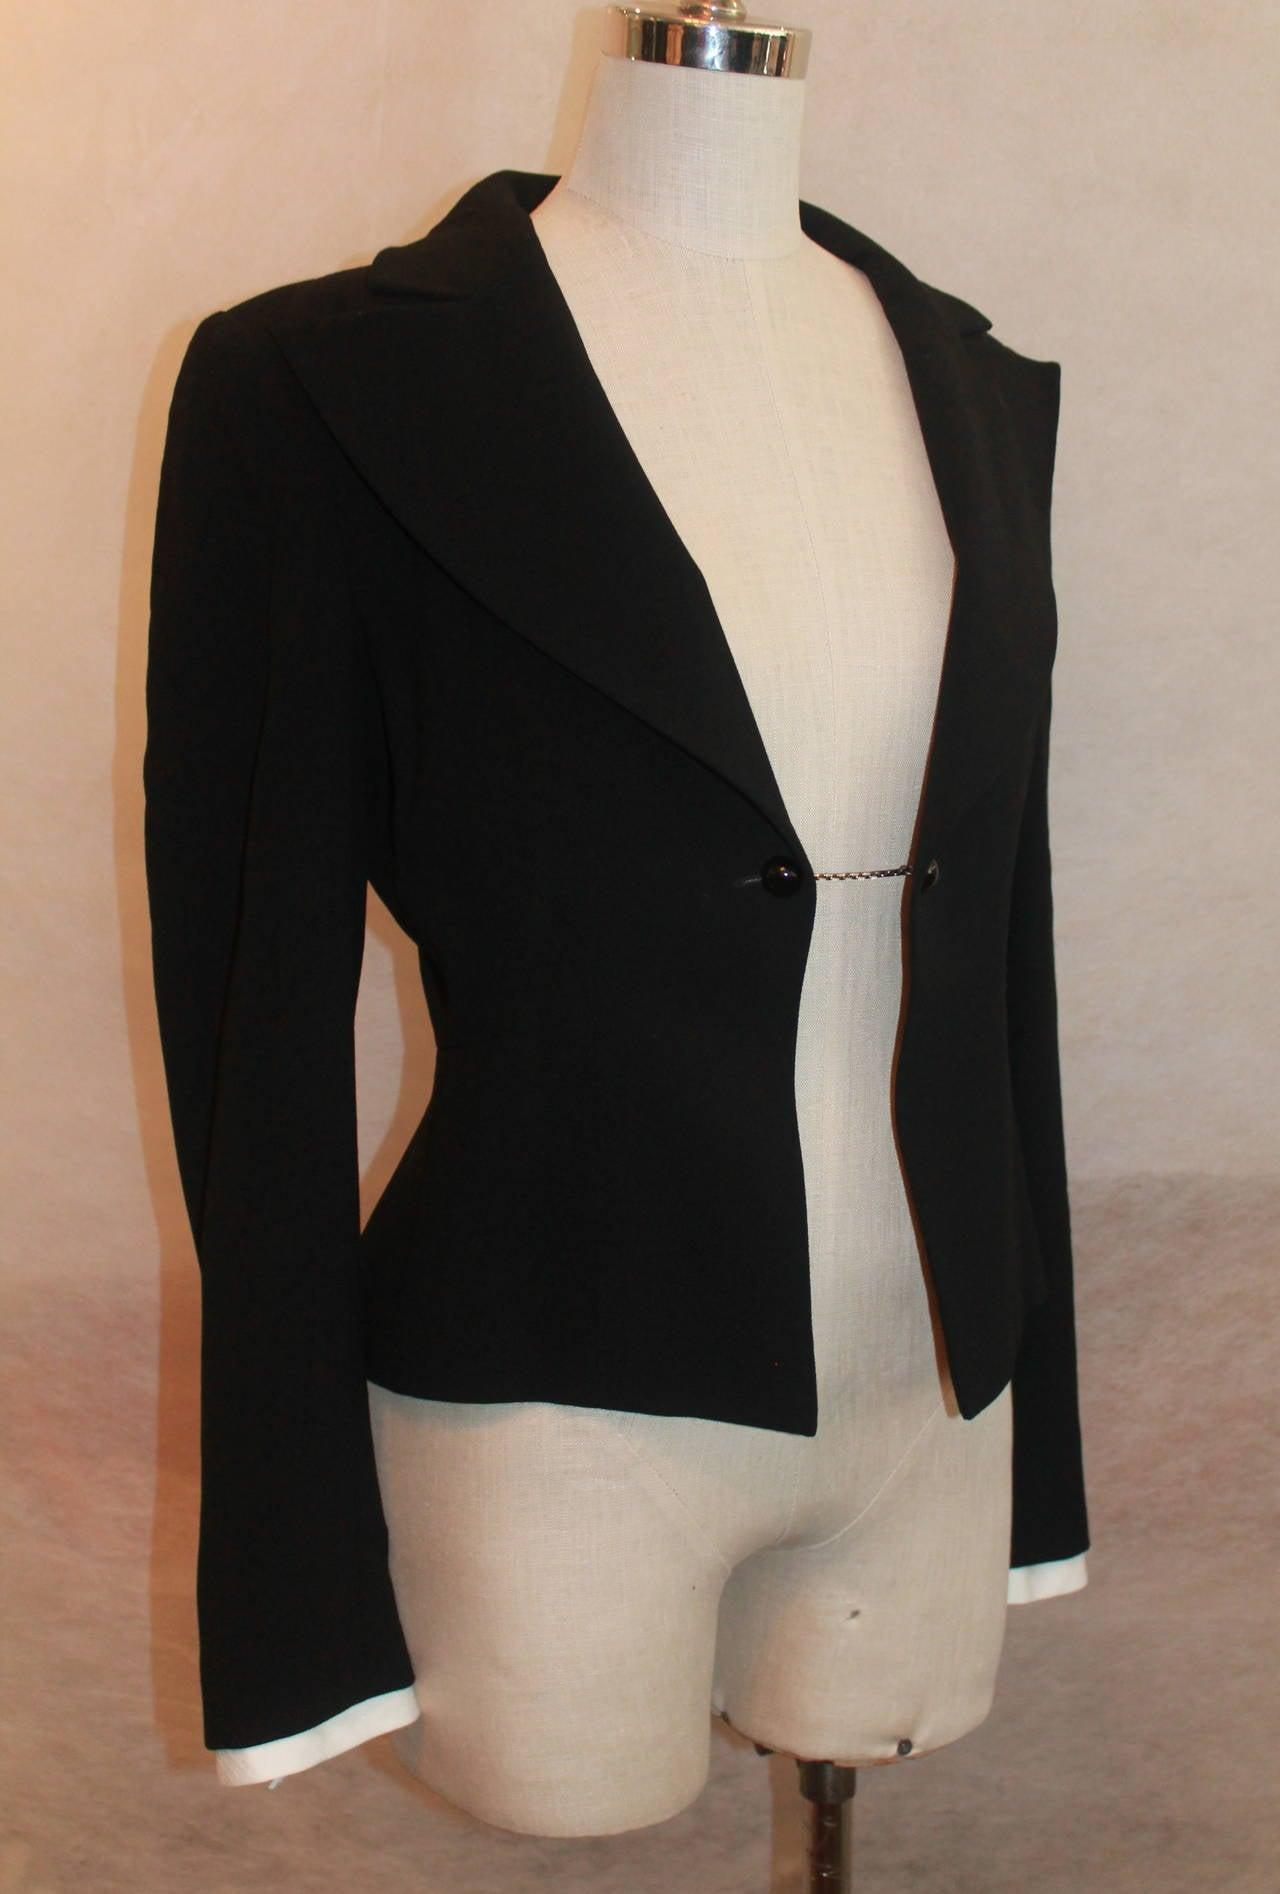 Chanel Black Wool Tuxedo Style Jacket - 40 - NWT 2